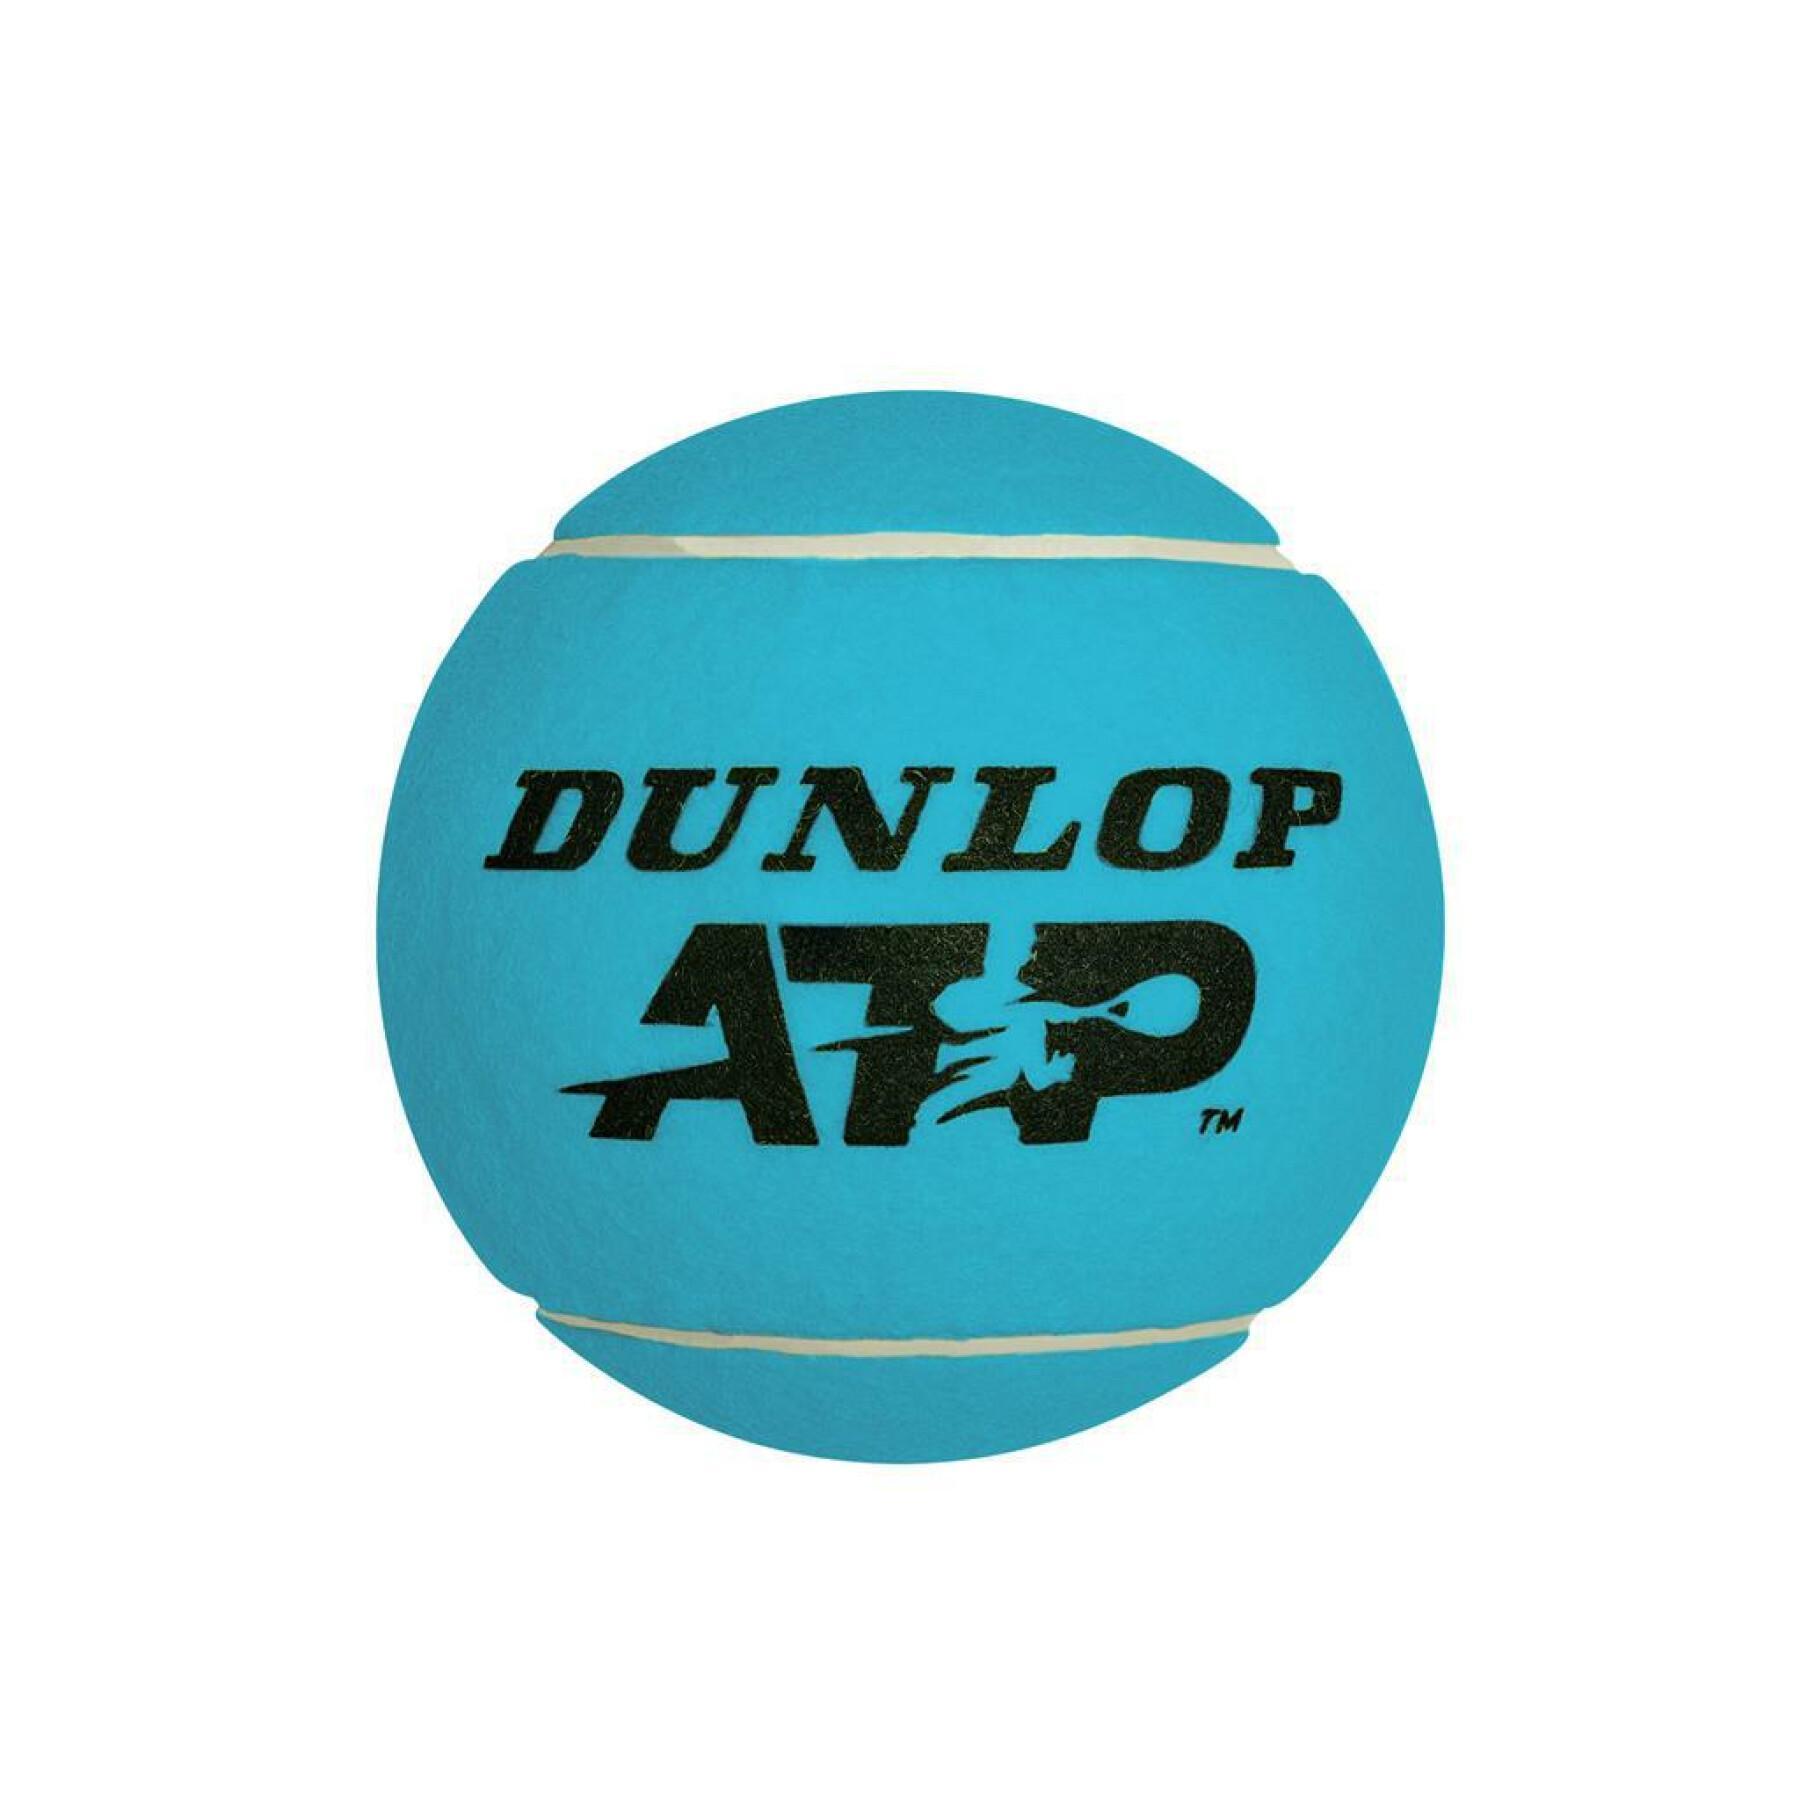 Tennis ball Dunlop